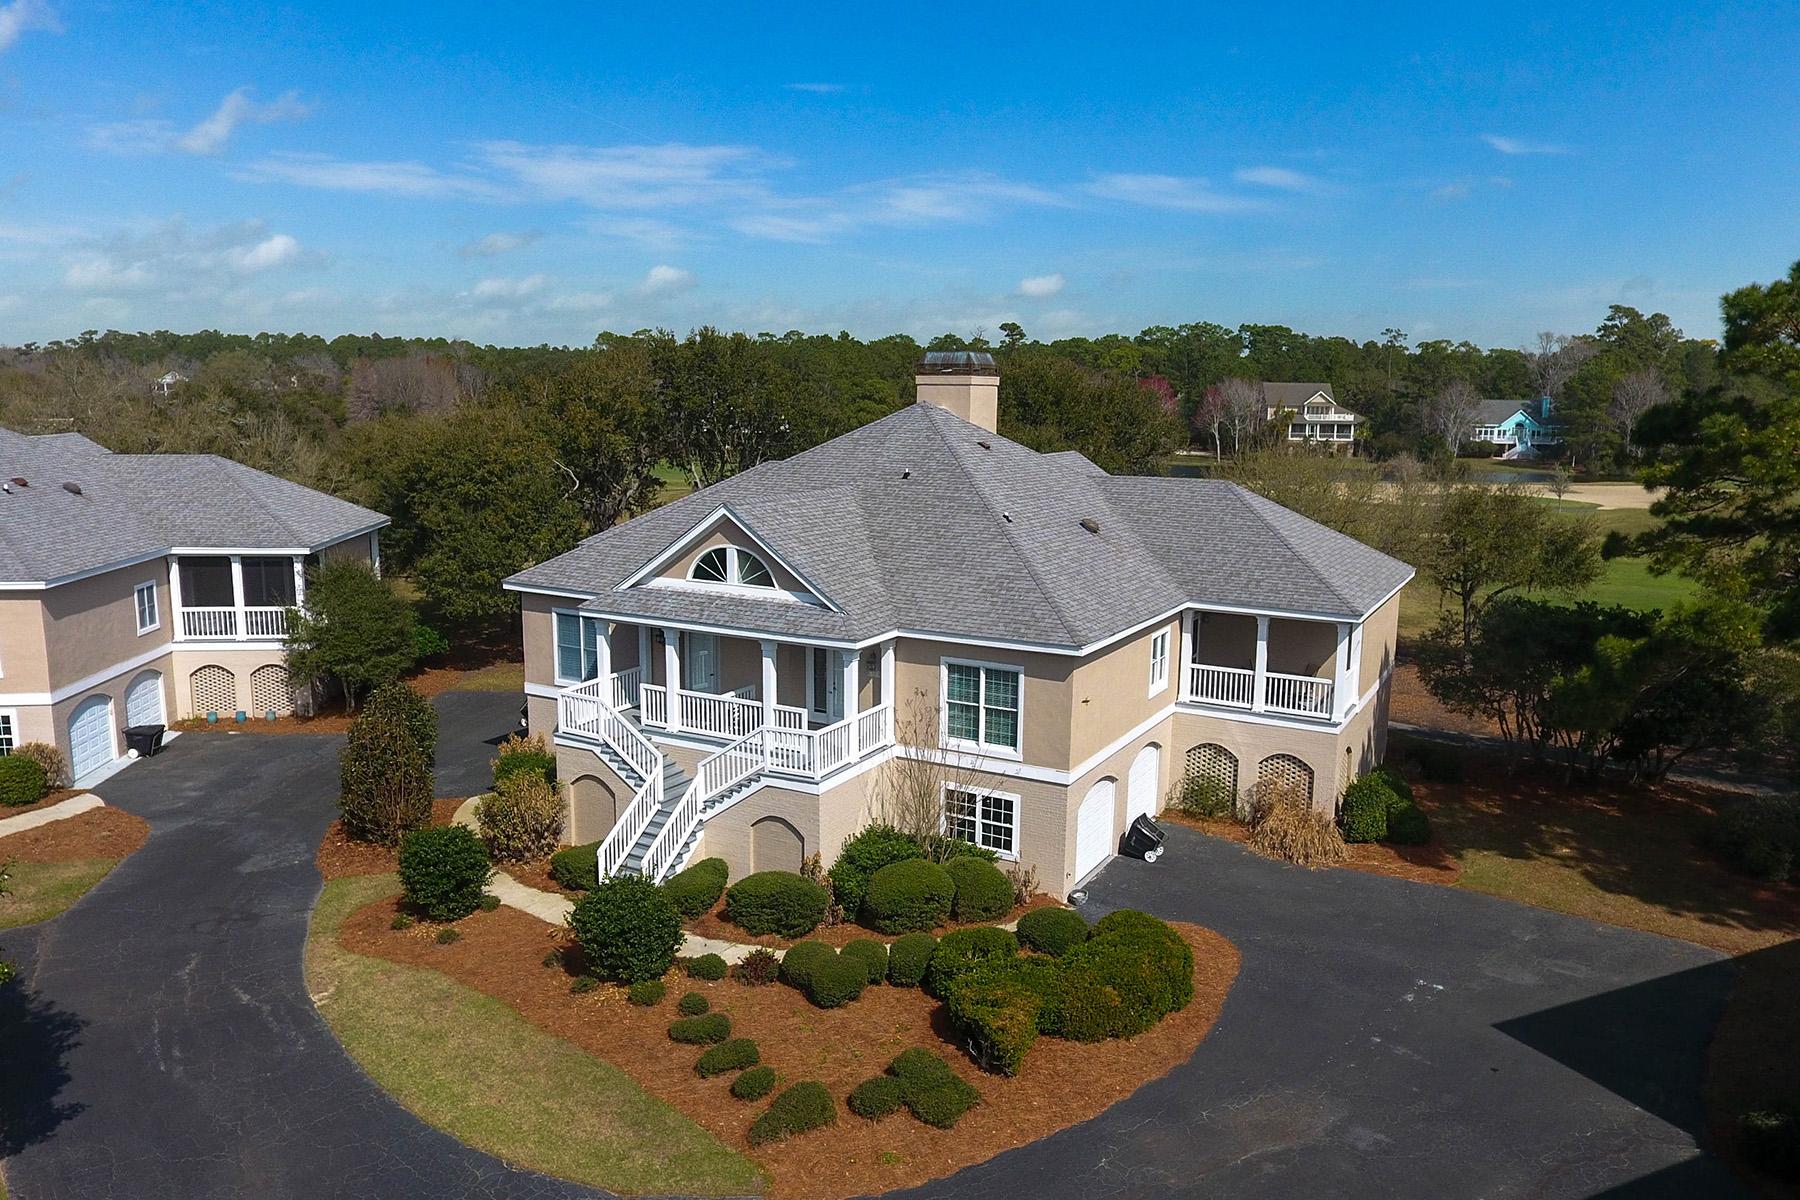 共管式独立产权公寓 为 销售 在 104 Collins Meadow Dr., Georgetown, SC 29440 104 Collins Meadow Dr. 15 乔治城, 南卡罗来纳州 29440 美国